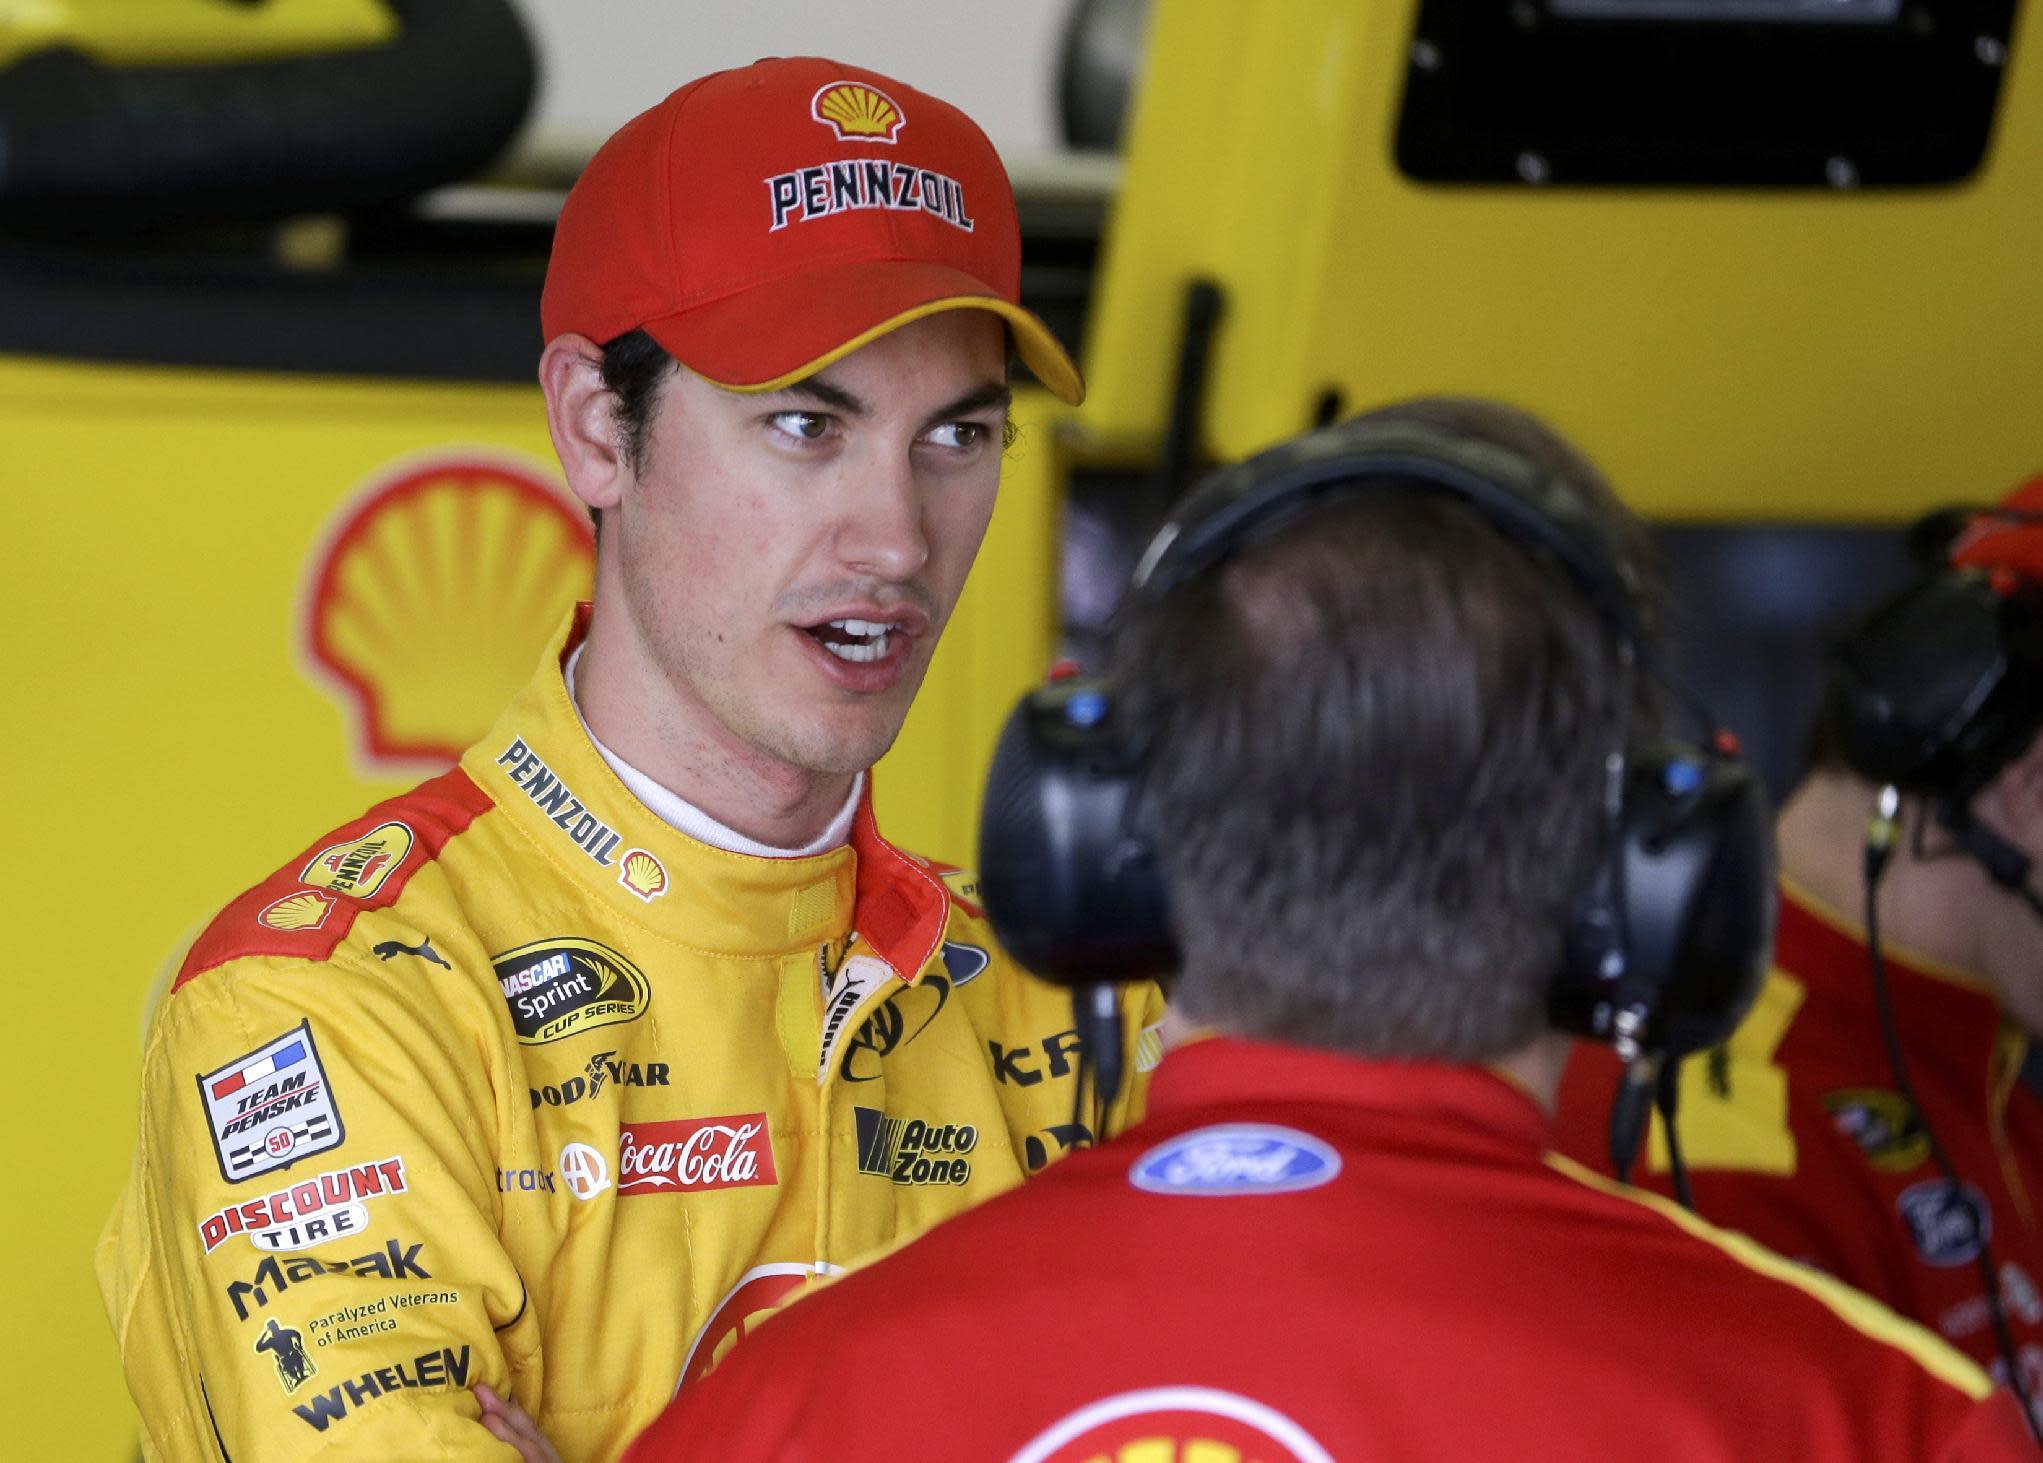 Team Penske helps rookie Ryan Blaney in Daytona 500 practice